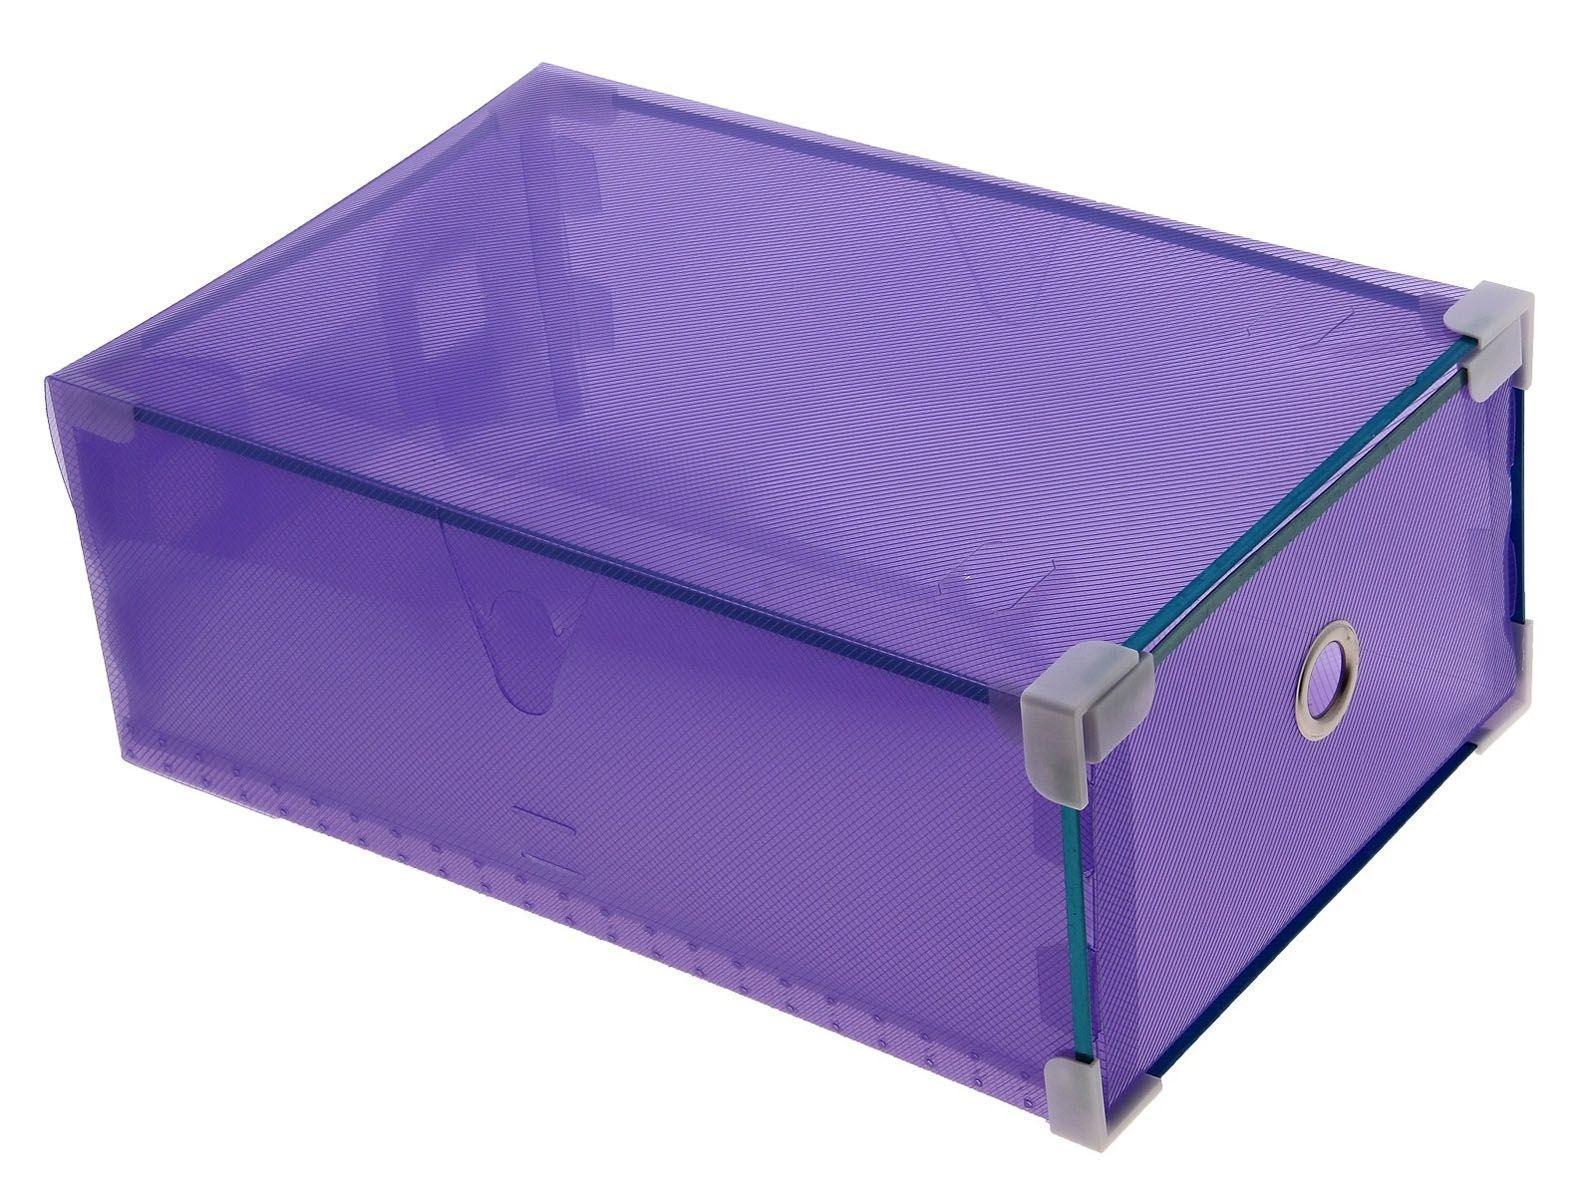 короб для хранения выдвижной 34*22*12см сиреневый 7099706907099700009Коробка для мелочей изготовлена из прочного пластика. Предназначена для хранения мелких бытовых мелочей, принадлежностей для шитья и т.д. Коробка оснащена плотно закрывающейся крышкой, которая предотвратит просыпание и потерю мелких вещиц.Коробка для мелочей сохранит ваши вещи в порядке. Материал: Пластик, металл